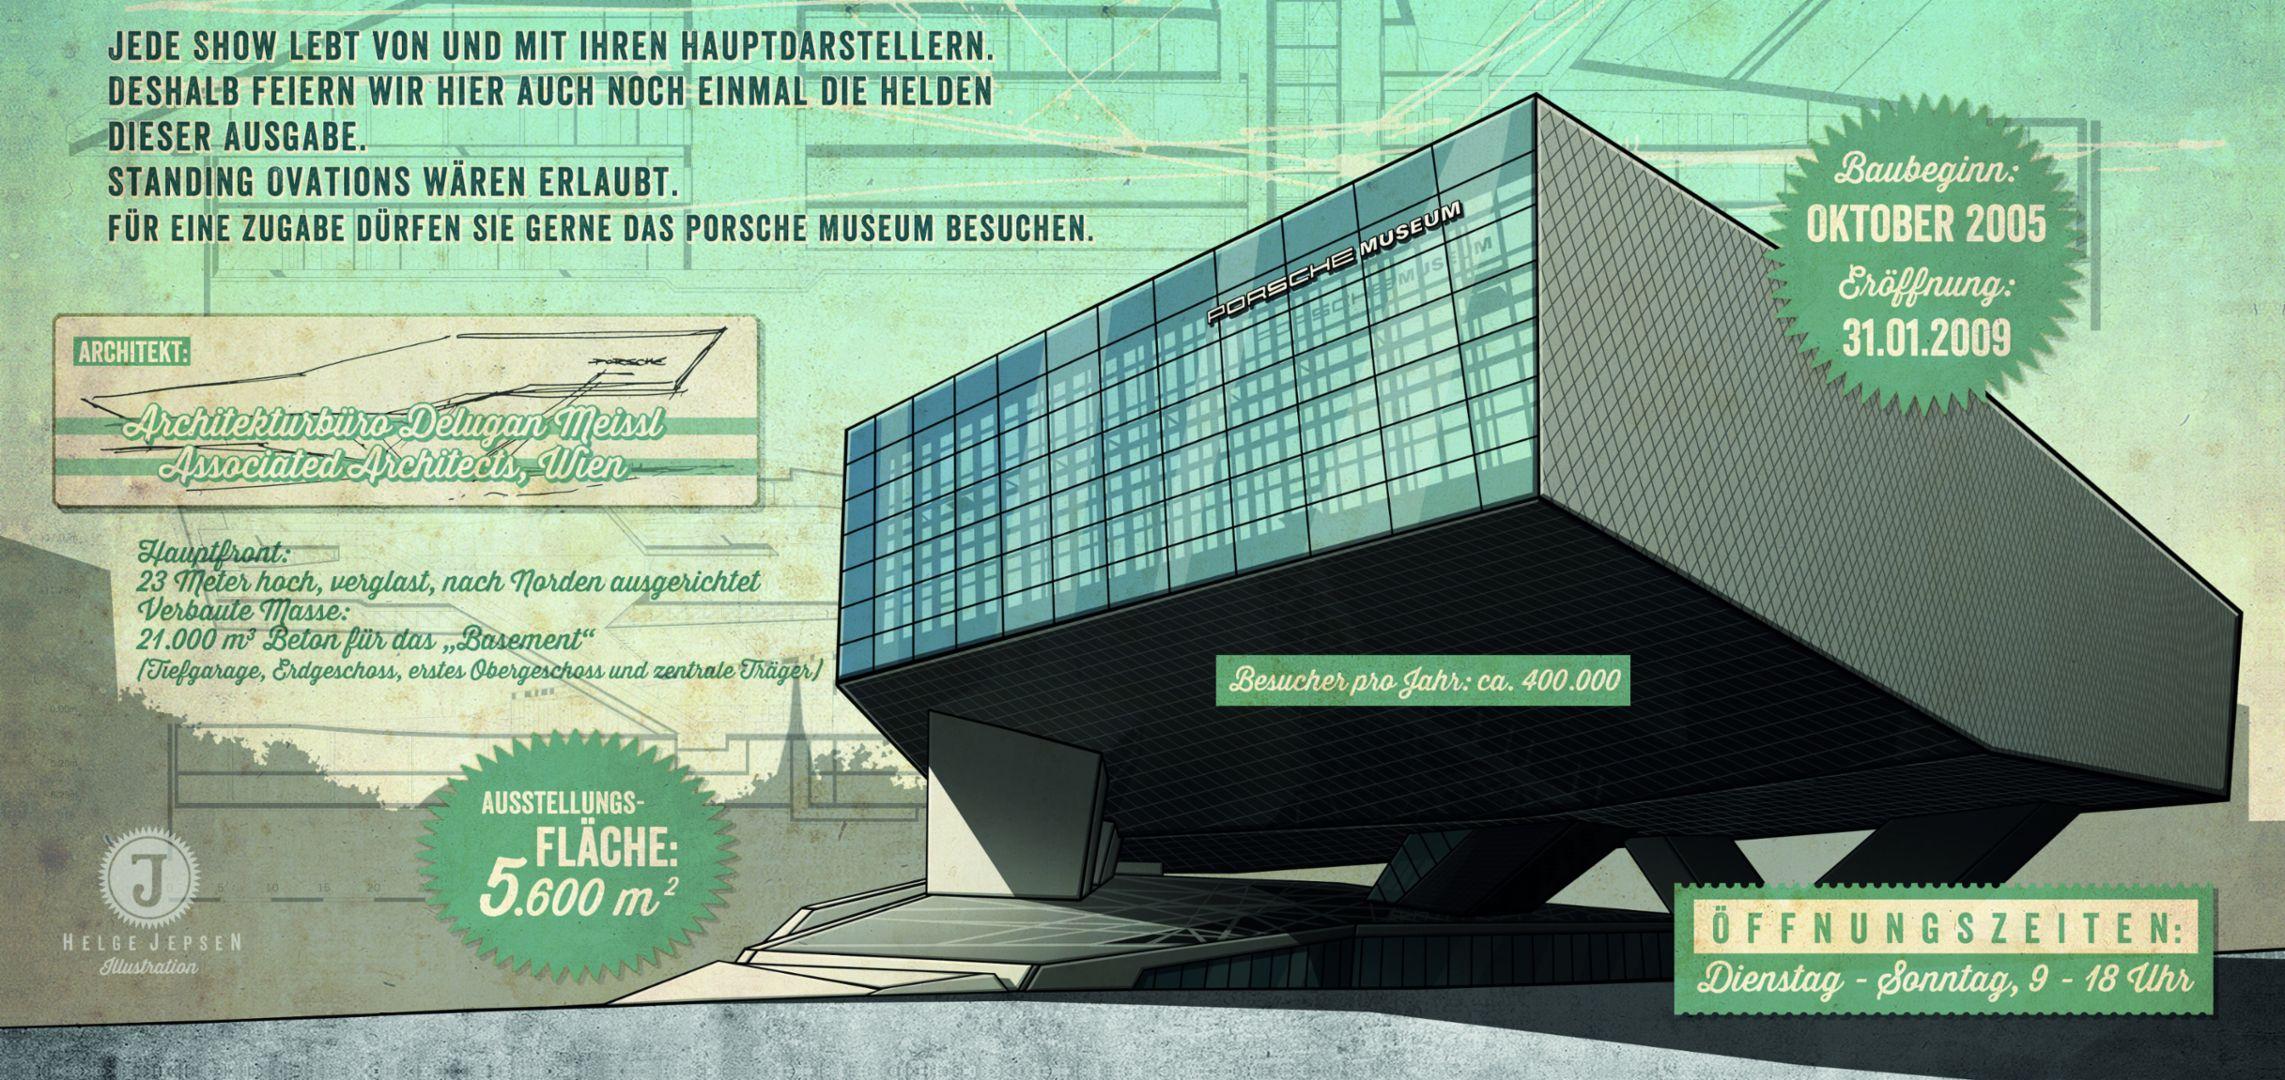 Porsche Museum, 2005-2009, Porsche AG